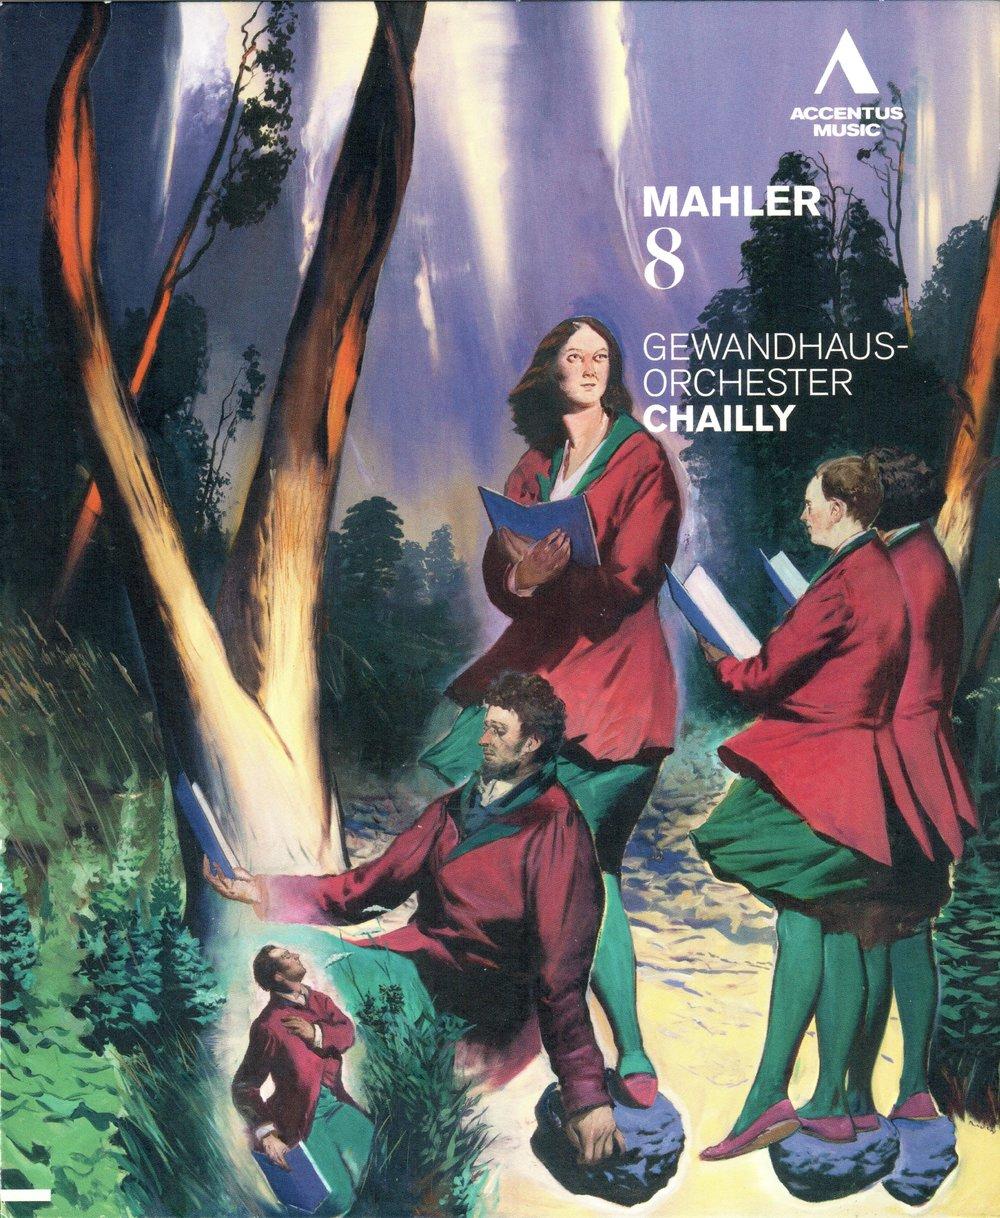 MAHLER8.jpg